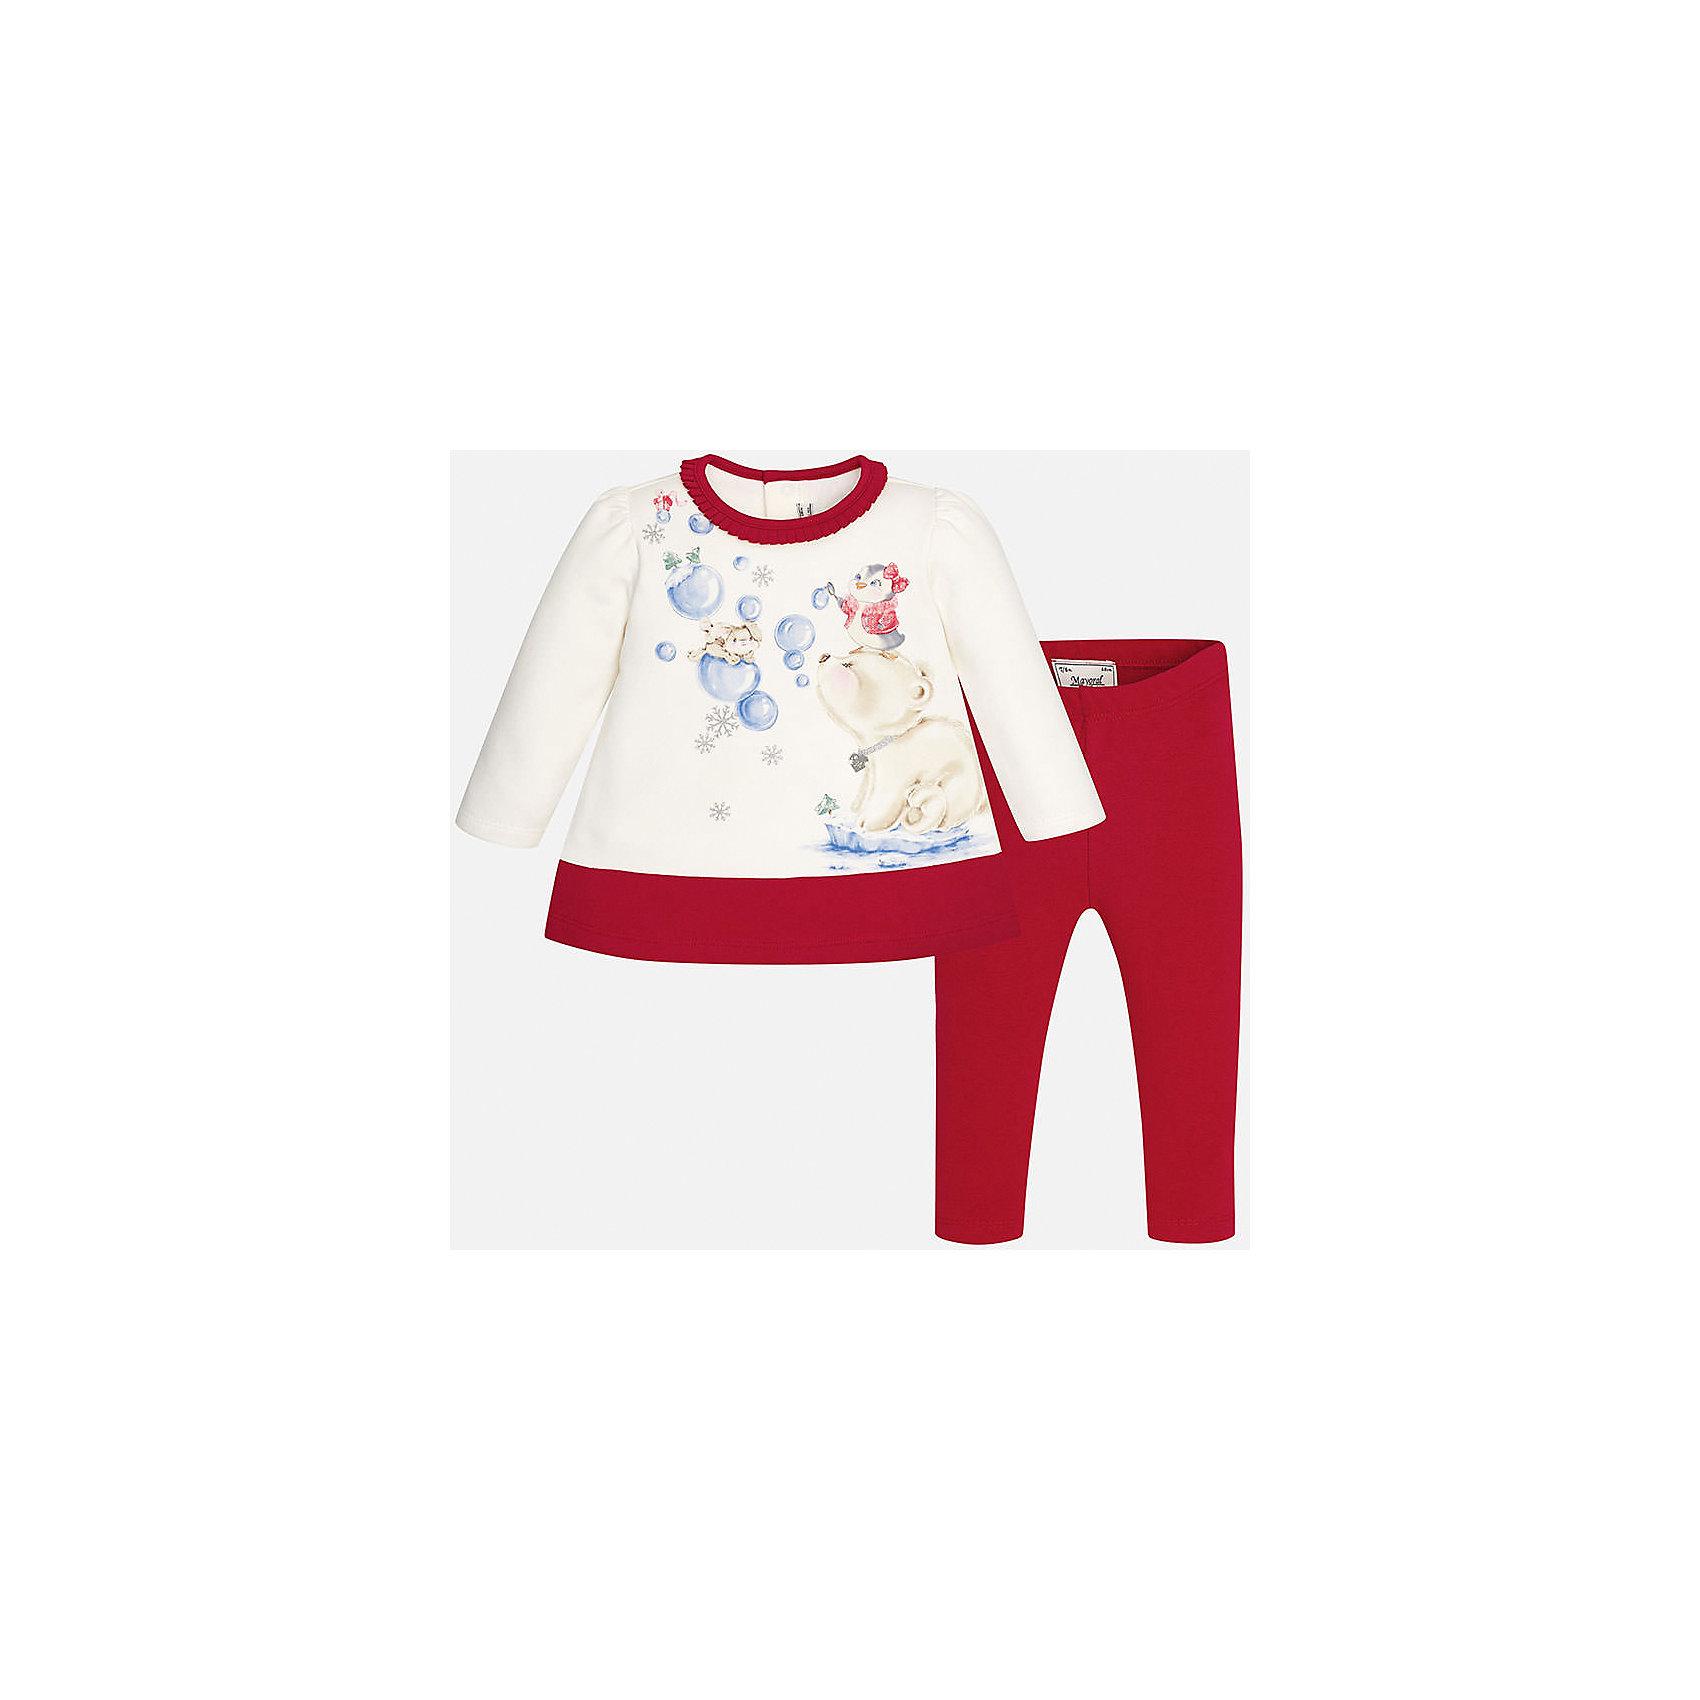 Комплект: футболка с длинным рукавом и леггинсы для девочки MayoralКомплекты<br>Комплект торговой марки  Майорал-Mayoral идеально подойдет для стильных и модных девочек. В комплект входят платье и леггинсы красного цвета, выполненные из хлопка. Ткань платья  очень приятая на ощупь,  с длинным рукавом украшено нежным принтом с блёстками и изображением милых зверушек, а также рюшами по горловине,. Платье застёгивается на кнопки на спинке для удобства переодевания,  а однотонные эластичные леггинсы дополнены удобной широкой резинкой на поясе.<br><br>Дополнительная информация:<br><br>- вид застежки: кнопки <br>- цвет: синий, белый<br>- тип карманов: втачные <br>- параметры брючин: ширина брючин – низ: 9 см; по внутреннему шву ; 21 см<br>- фактура материала: текстильный<br>- покрой: прямой<br>- состав: 95% хлопка; 5% эластан<br>- длина  изделия: верх 38 см. низ 31 см<br>- уход за вещами: бережная стирка при 30 градусах<br>- рисунок: с  рисунком<br>- материал: трикотаж<br>- назначение: повседневная<br>- сезон: осень, зима<br>- пол: девочки<br>- страна бренда: Испания<br>- страна производитель:  Индия<br>- комплектация: платье, леггинсы <br><br>комплект торговой марки  Майорал-Mayoral можно купить в нашем интернет магазине.<br><br>Ширина мм: 236<br>Глубина мм: 16<br>Высота мм: 184<br>Вес г: 177<br>Цвет: красный<br>Возраст от месяцев: 6<br>Возраст до месяцев: 9<br>Пол: Женский<br>Возраст: Детский<br>Размер: 74,86,92,80<br>SKU: 4846273